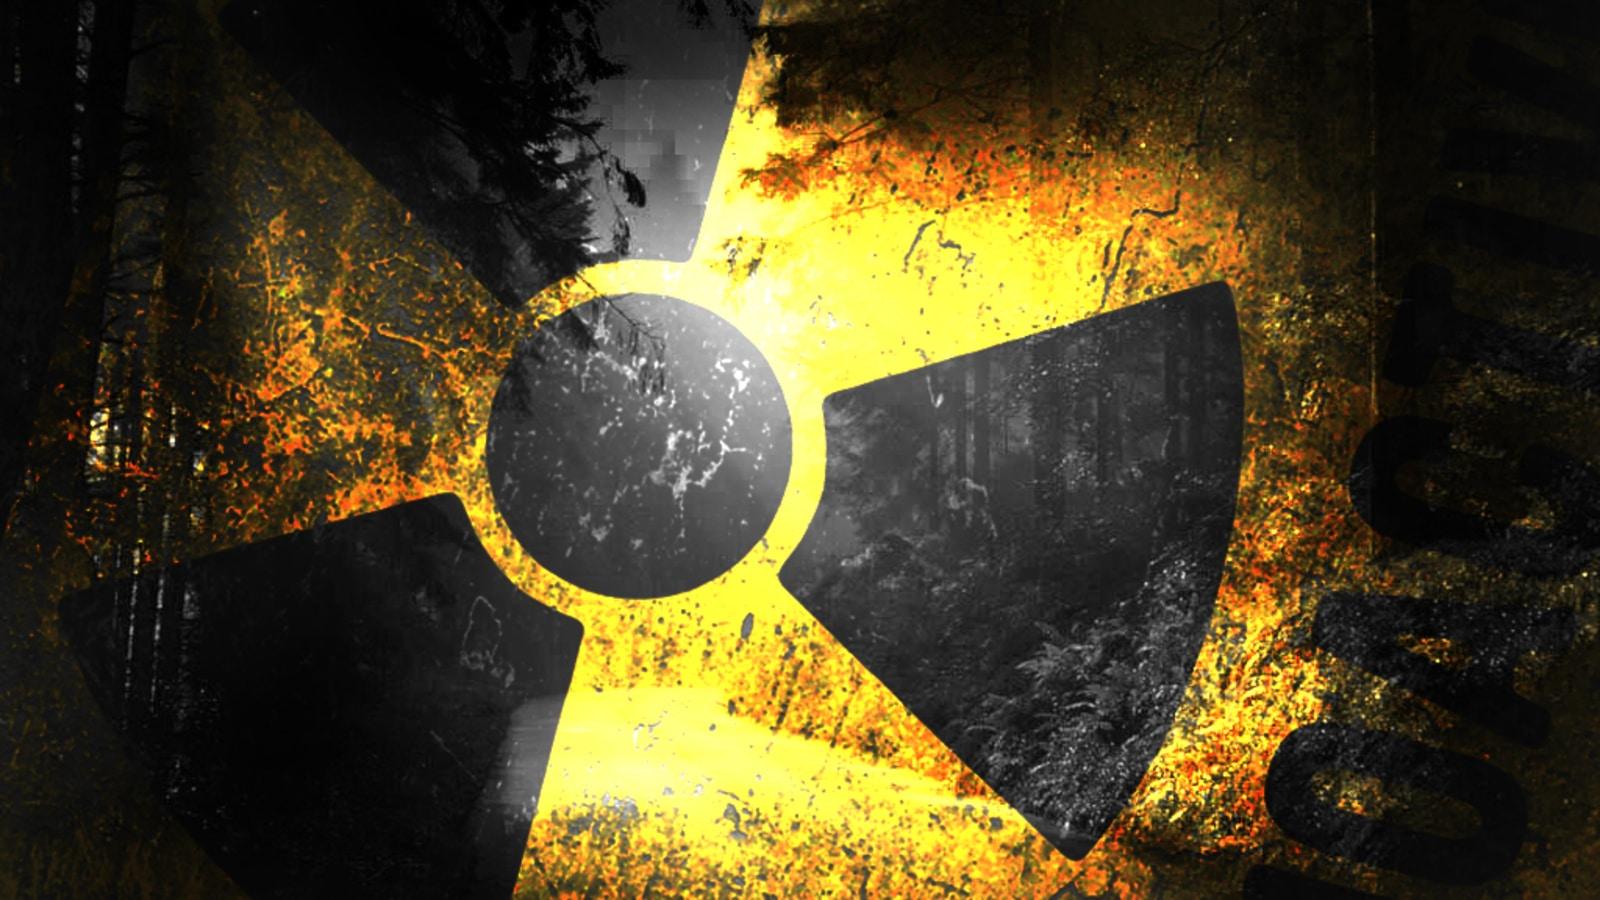 Le interazioni tra radiazioni ed essere viventi, quando sono pericolose?